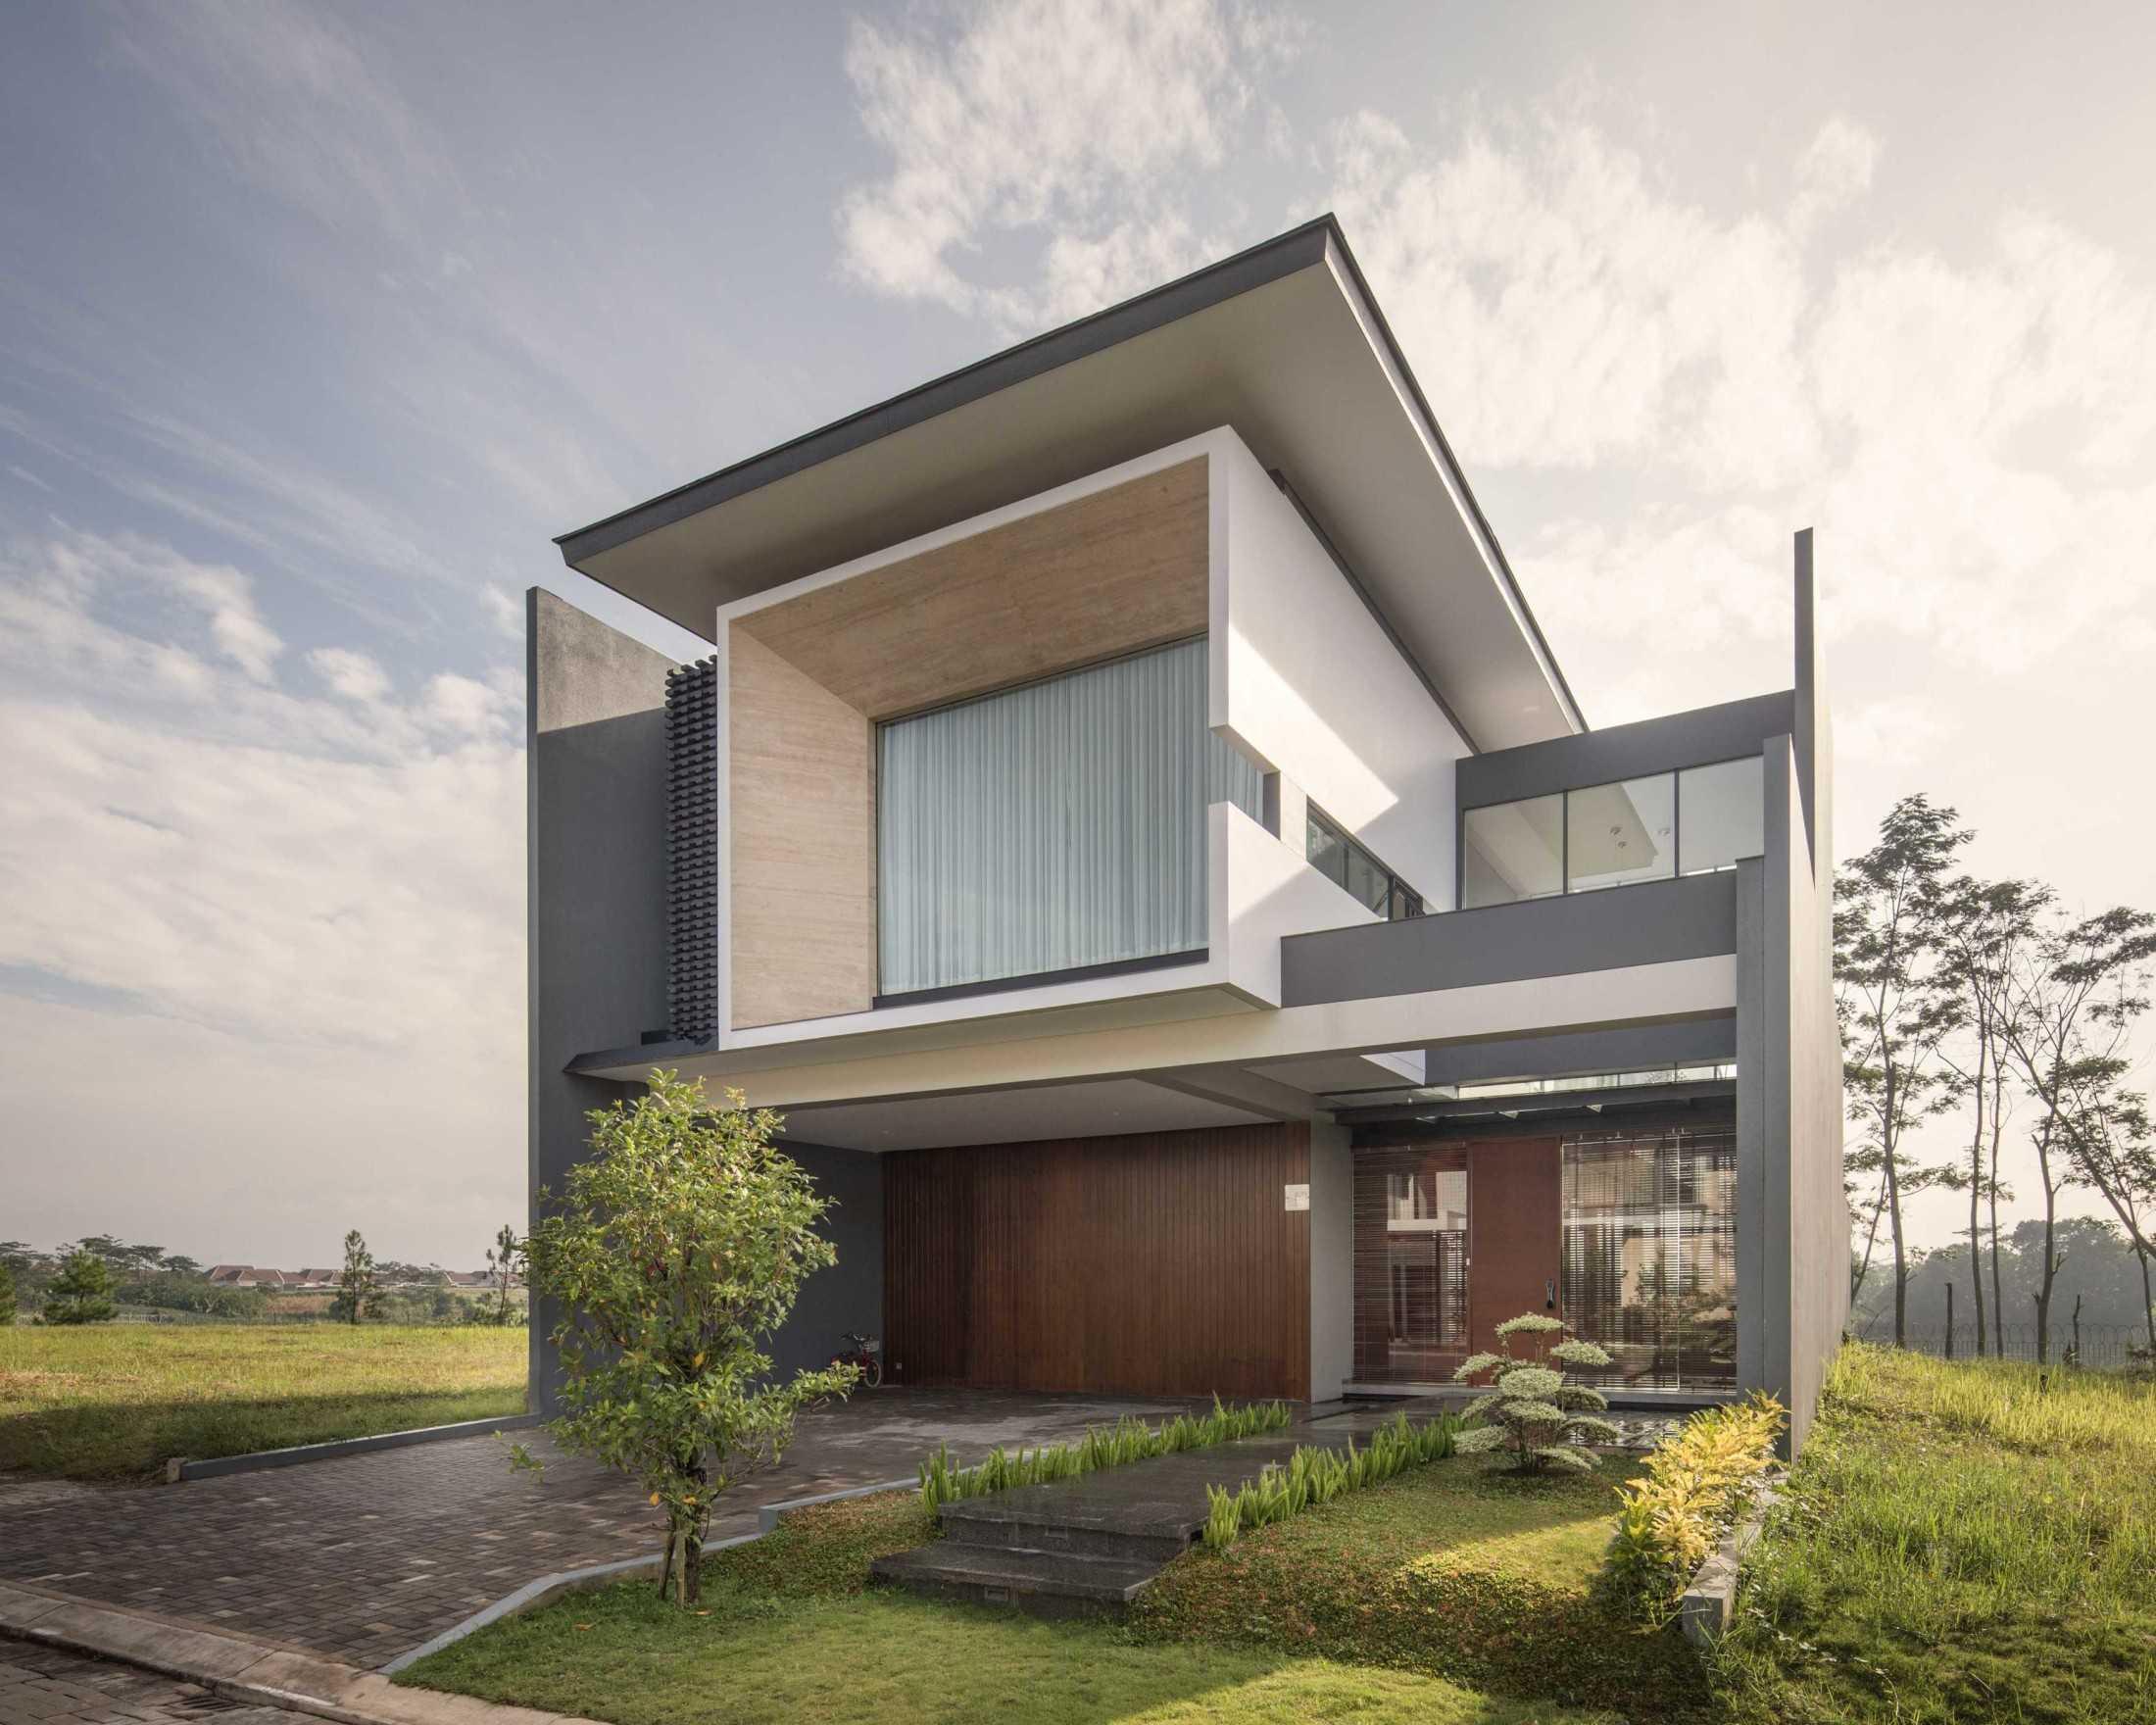 26 Ide Desain Rumah Minimalis Memiliki Banyak Unsur Kreatif Banget Deh -  Deagam Design